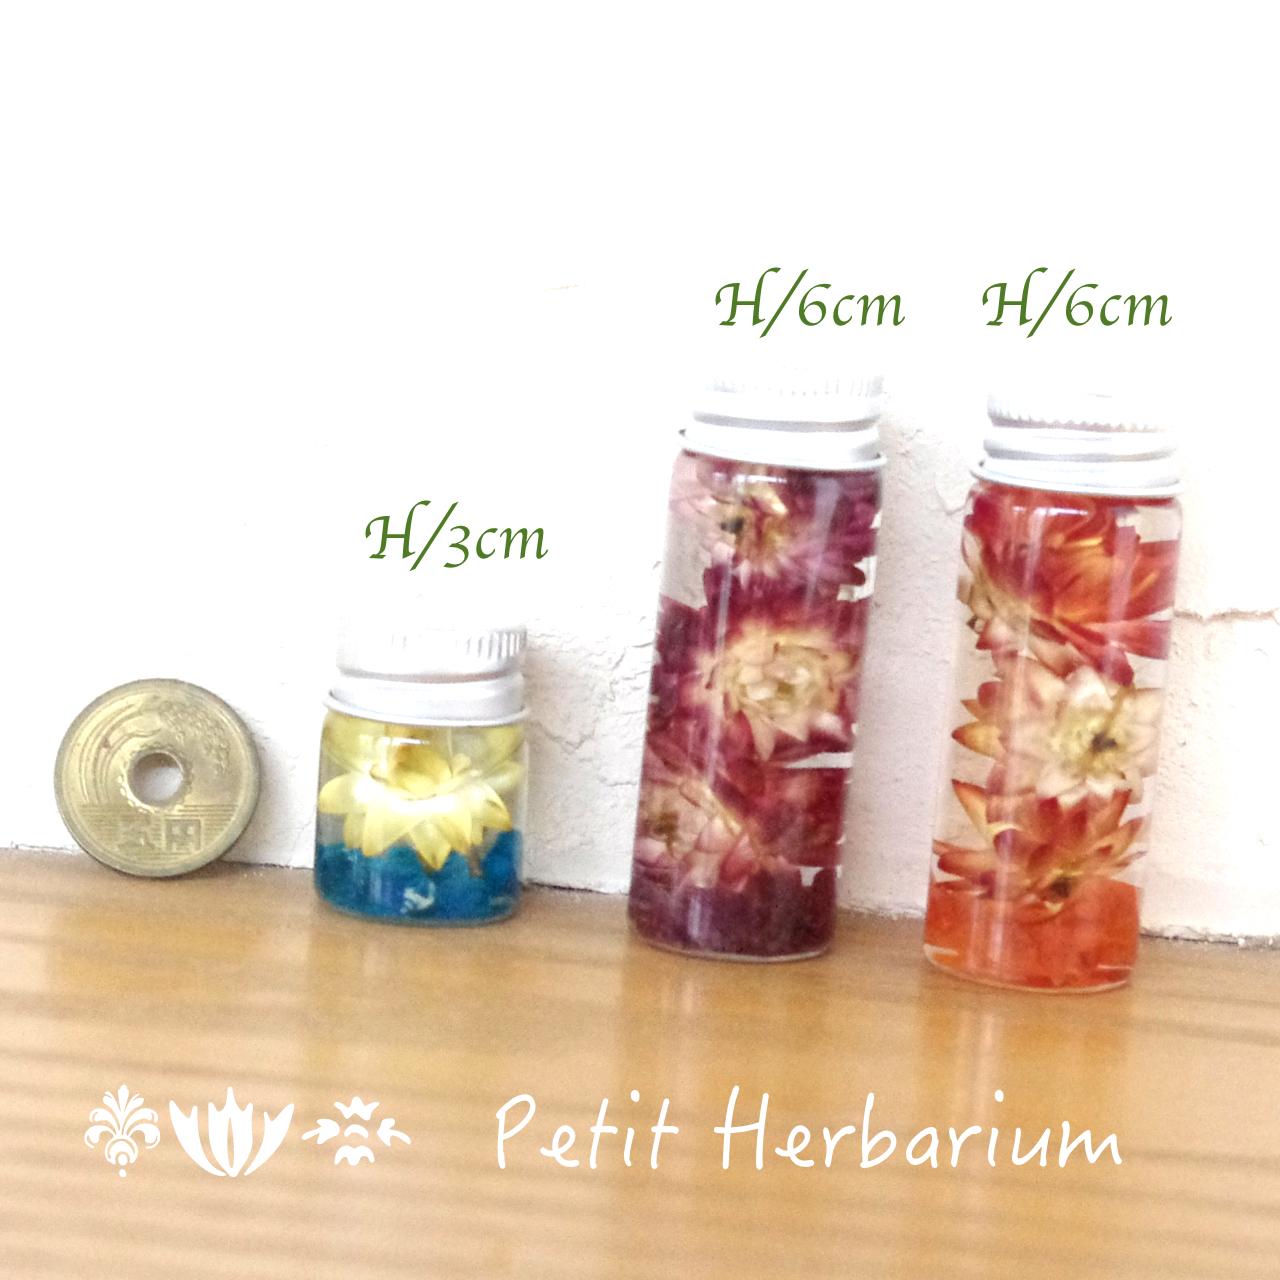 【Petit Vol.3】パワーストーンハーバリウム *ハートの輝き♪ピンクトルマリンとヘリクリサム*